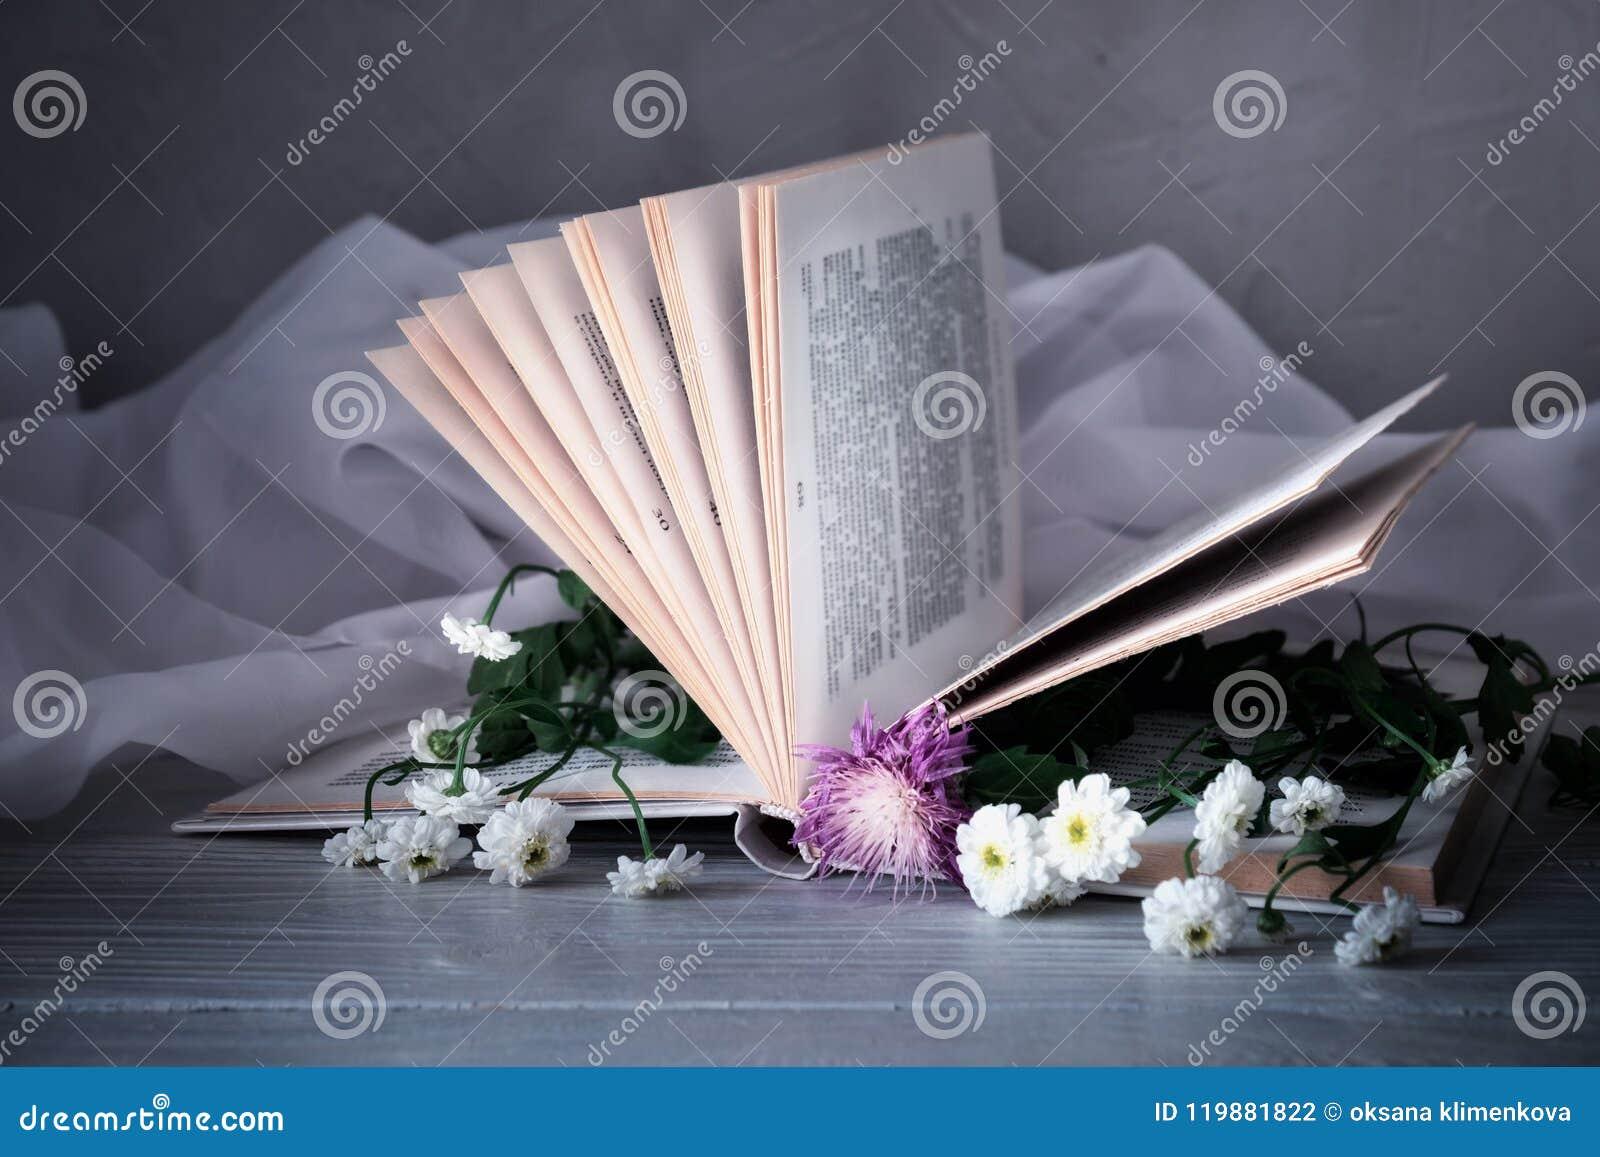 Εκλεκτής ποιότητας βιβλίο με την ανθοδέσμη των λουλουδιών μέσα νοσταλγικό ρομαντικό εκλεκτής ποιότητας υπόβαθρο